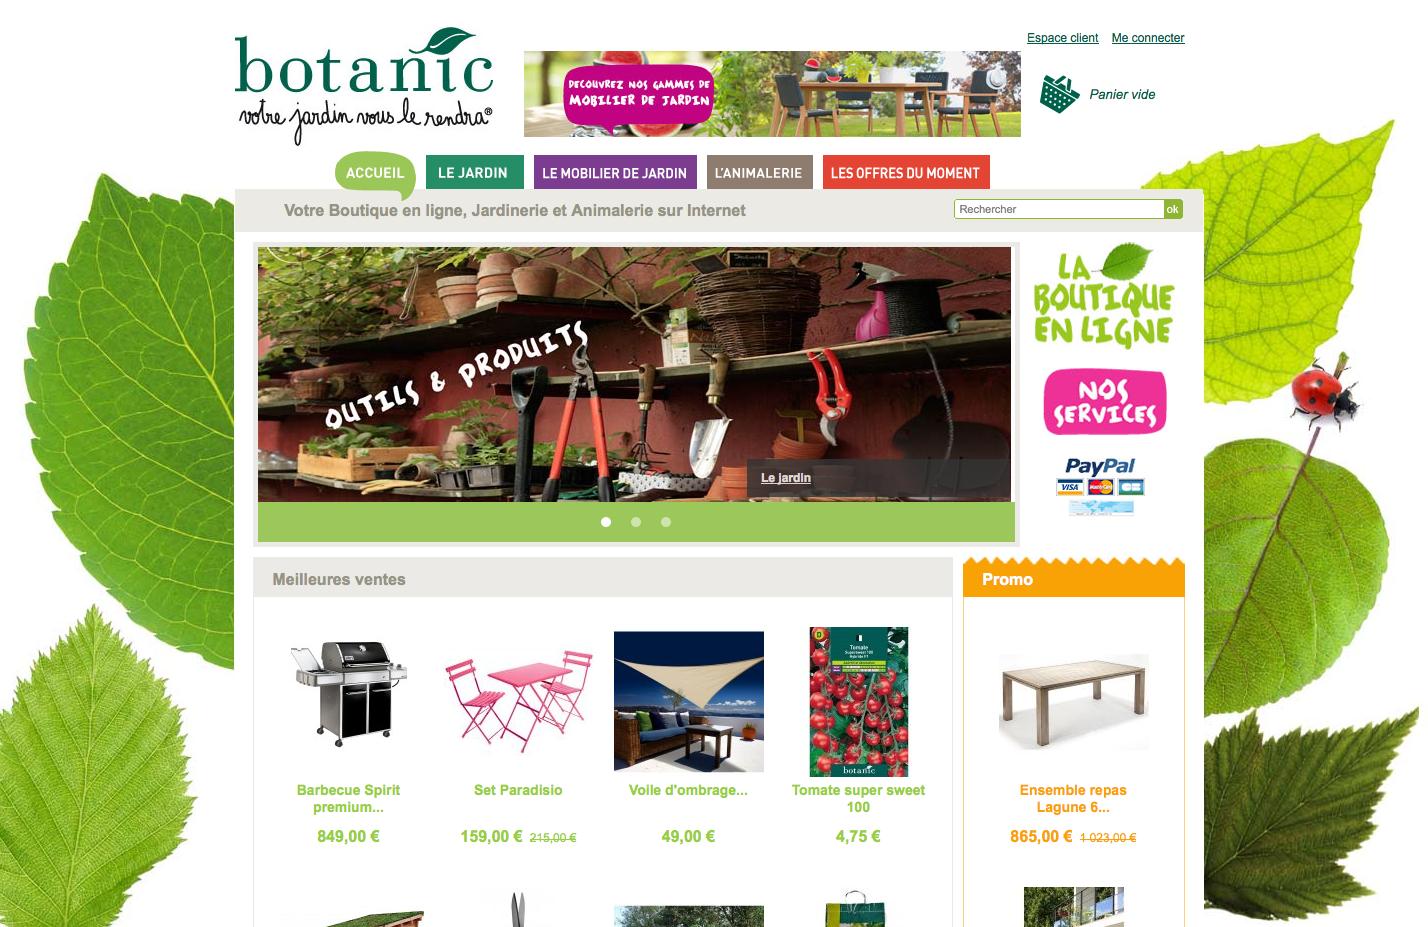 Boutique en ligne botanic, capture d'écran